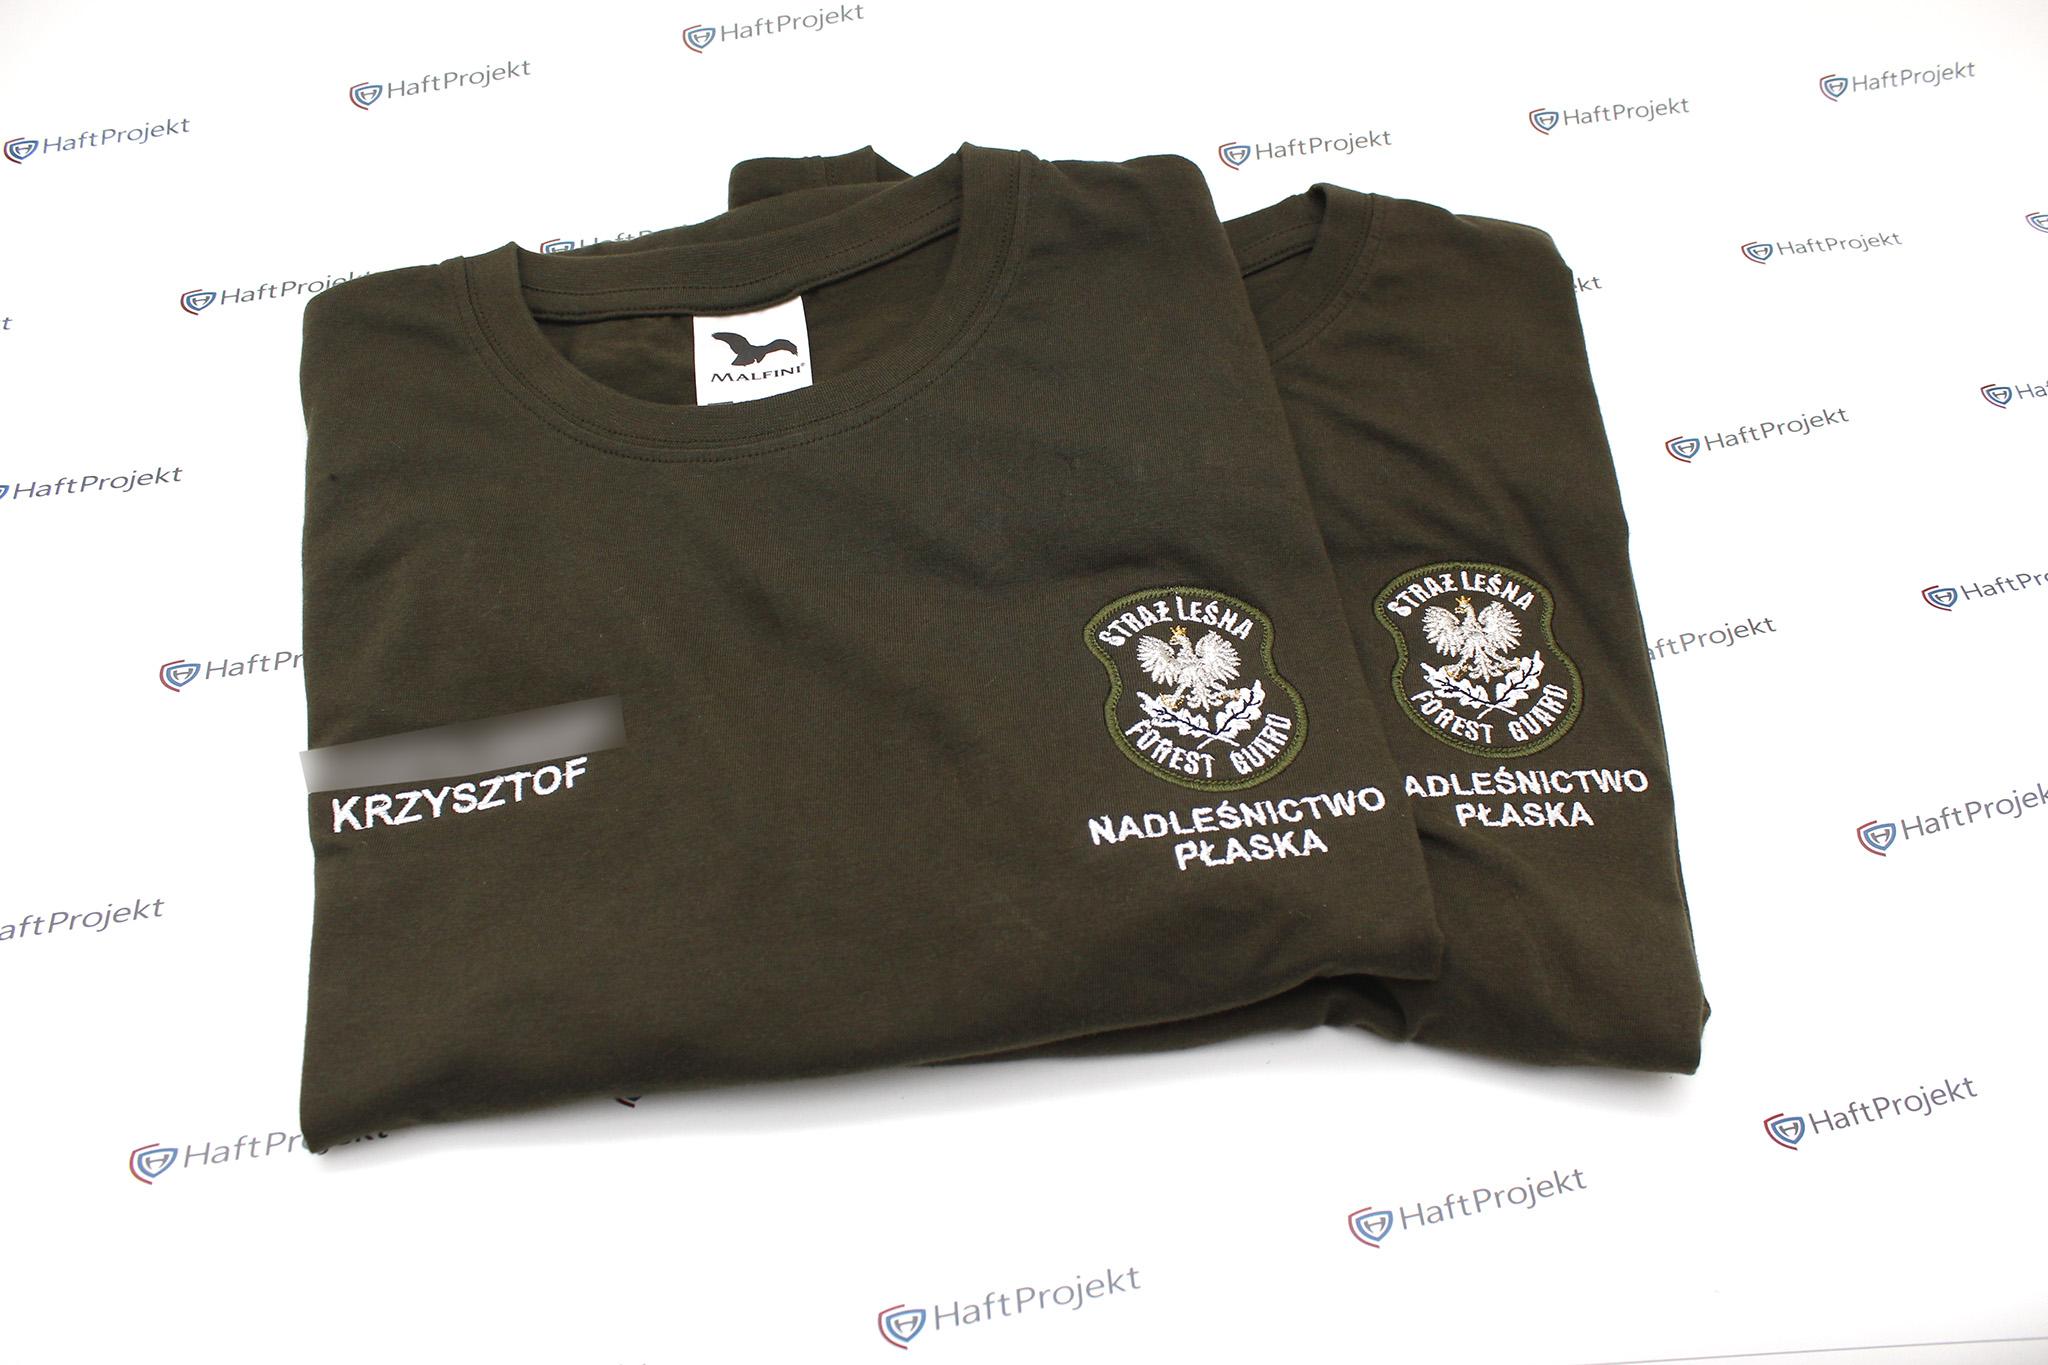 koszulka t-shirt dla straży leśnej